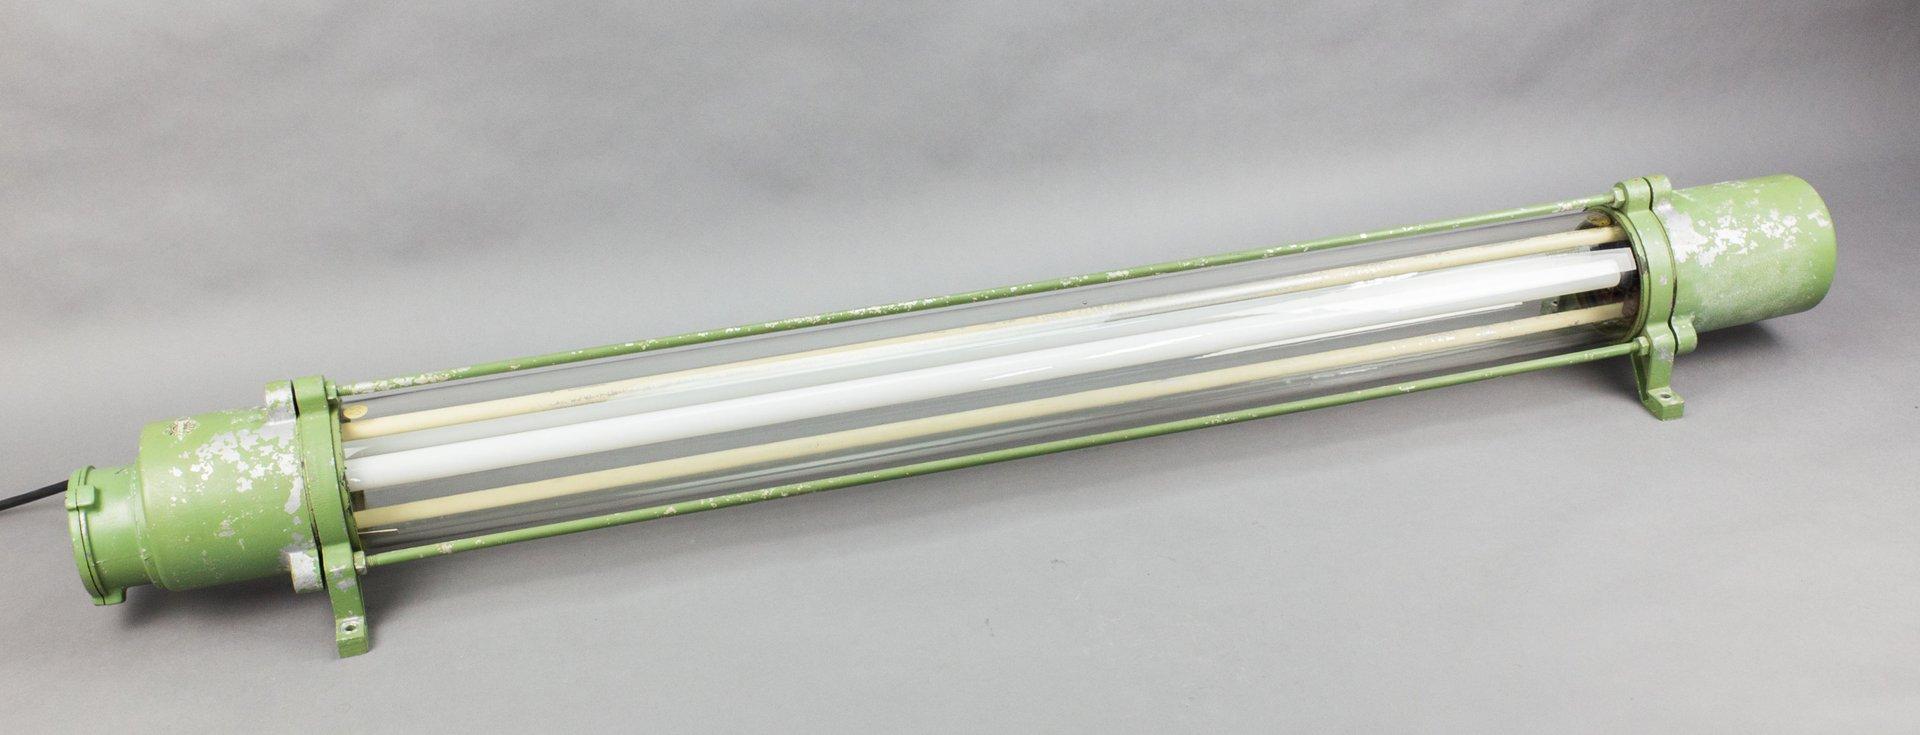 Explosionsgesicherte vintage Leuchtstoffröhre von Leuchtenbau Wittenbe...   Lampen > Leuchtmittel > Leuchtstoffröhren   Grün   Glas